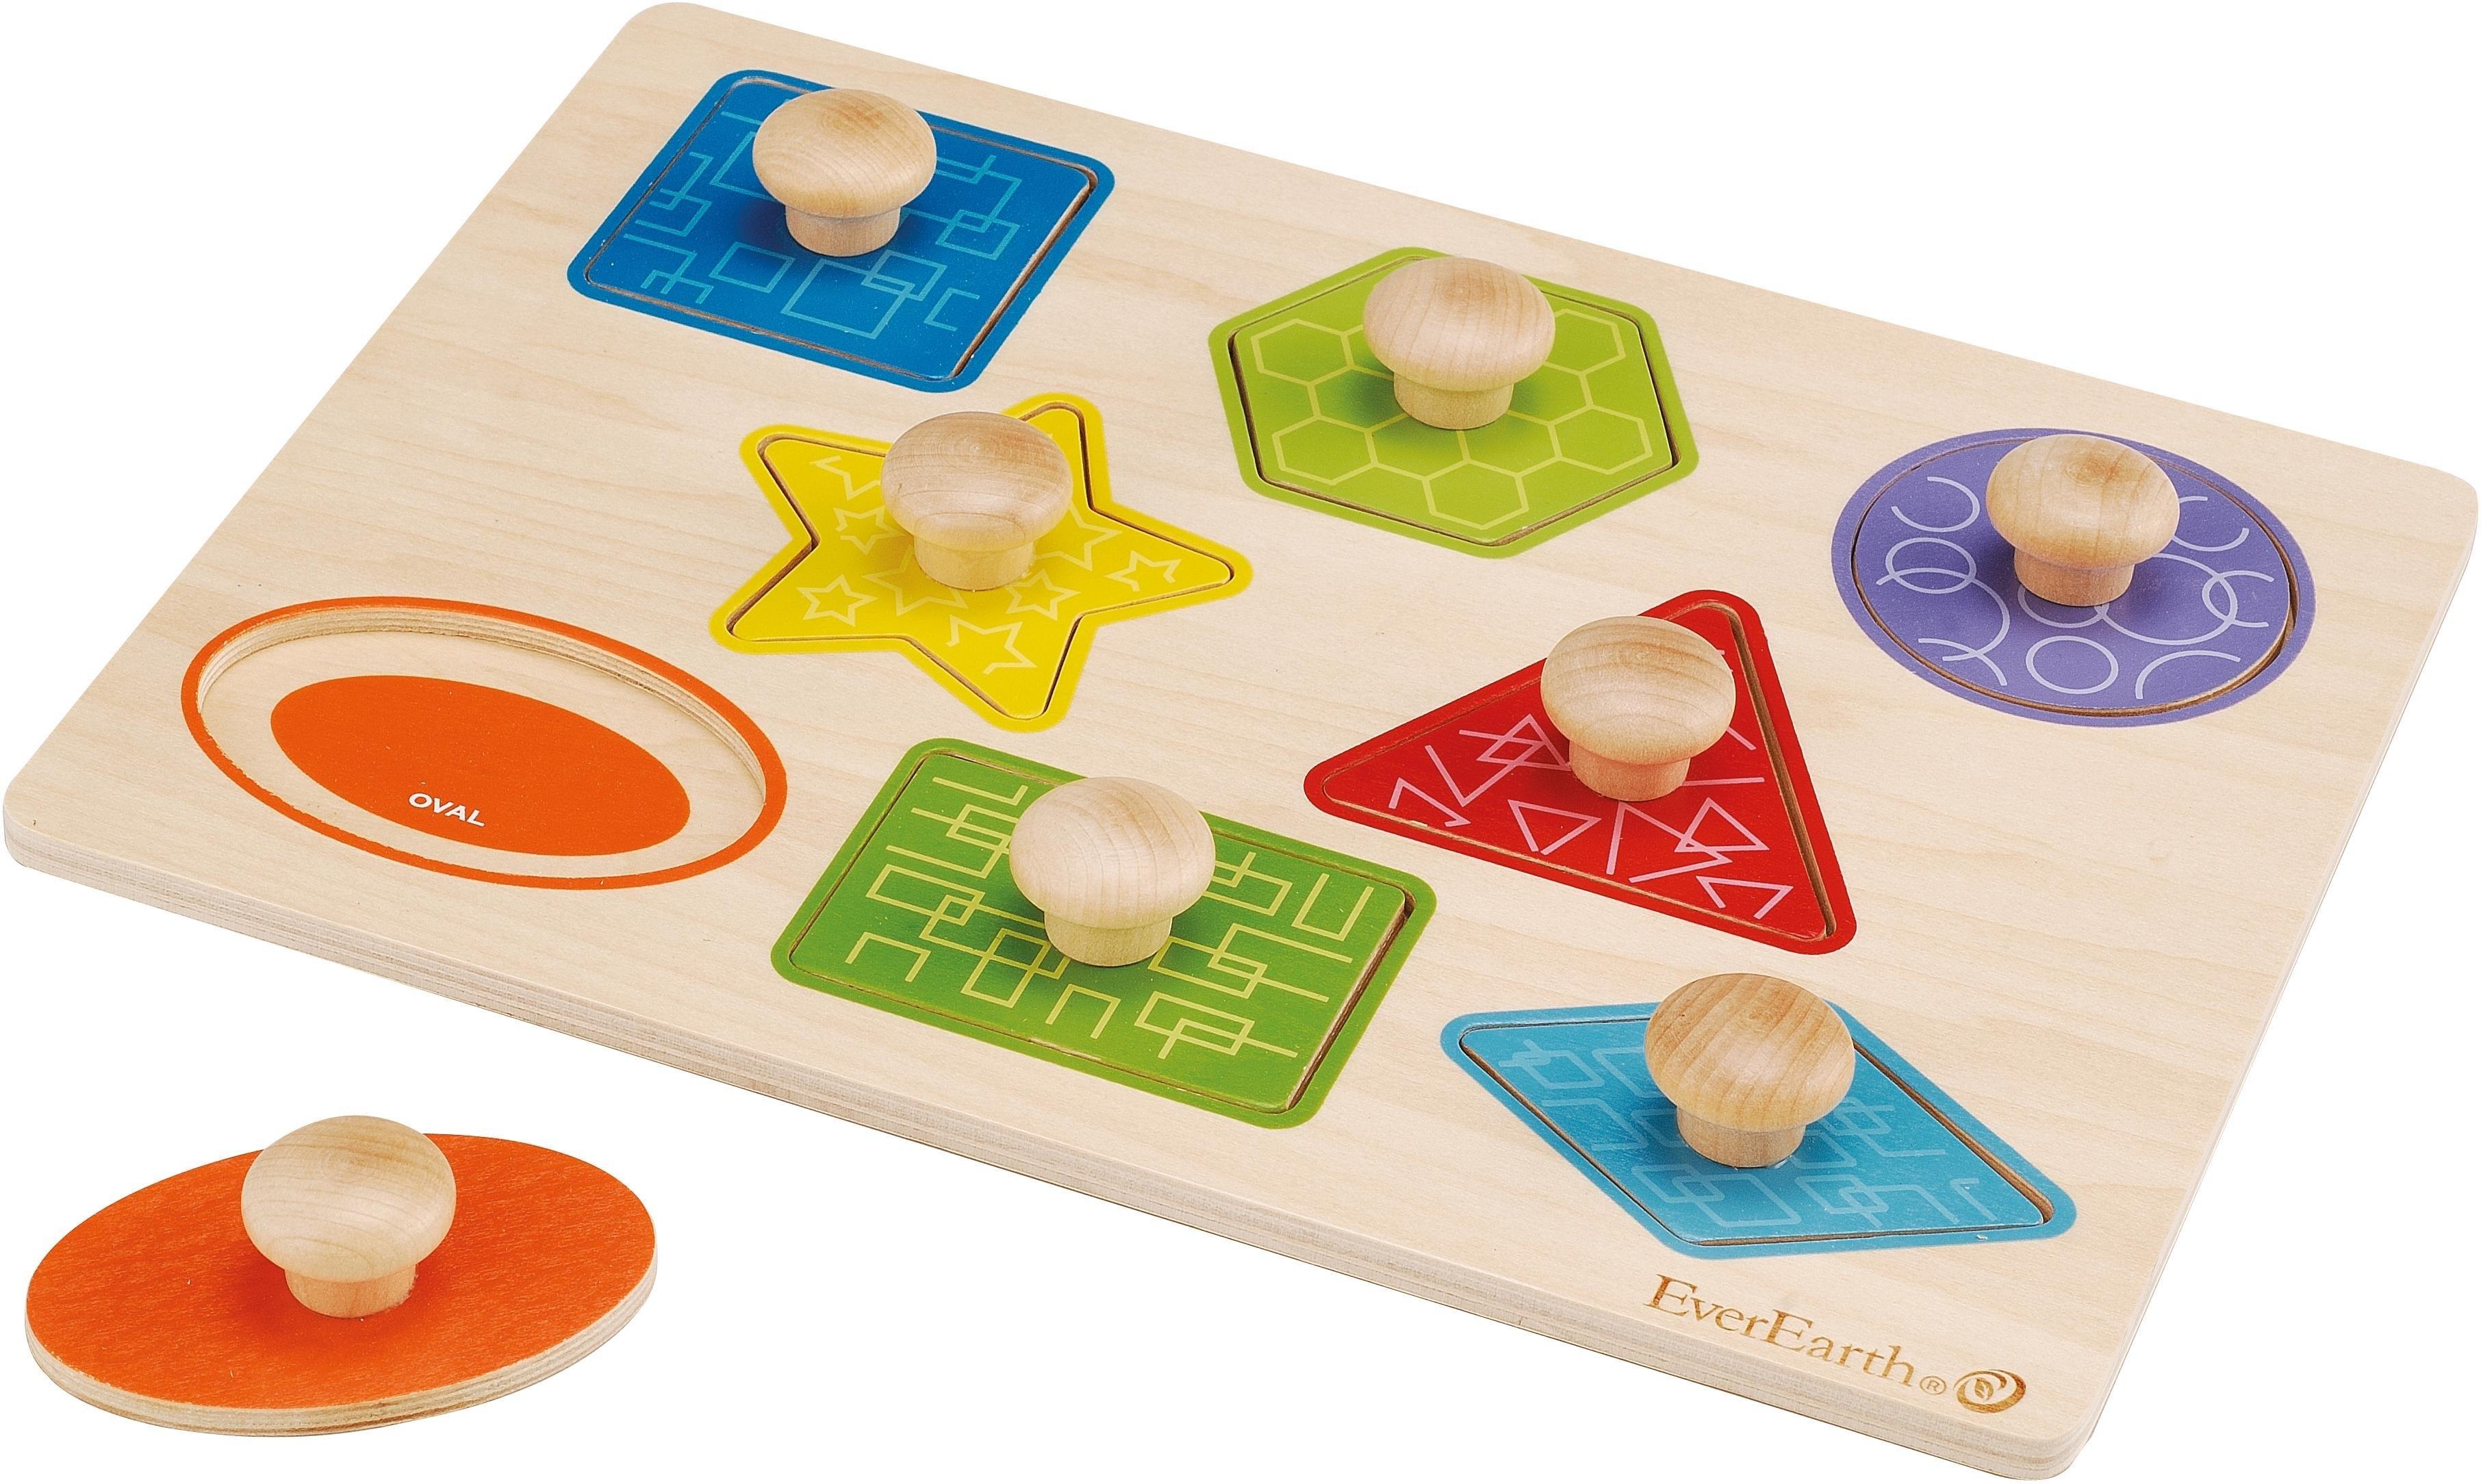 Everearth ® vormenspel, »Vormen- en kleurenpuzzel« goedkoop op otto.nl kopen